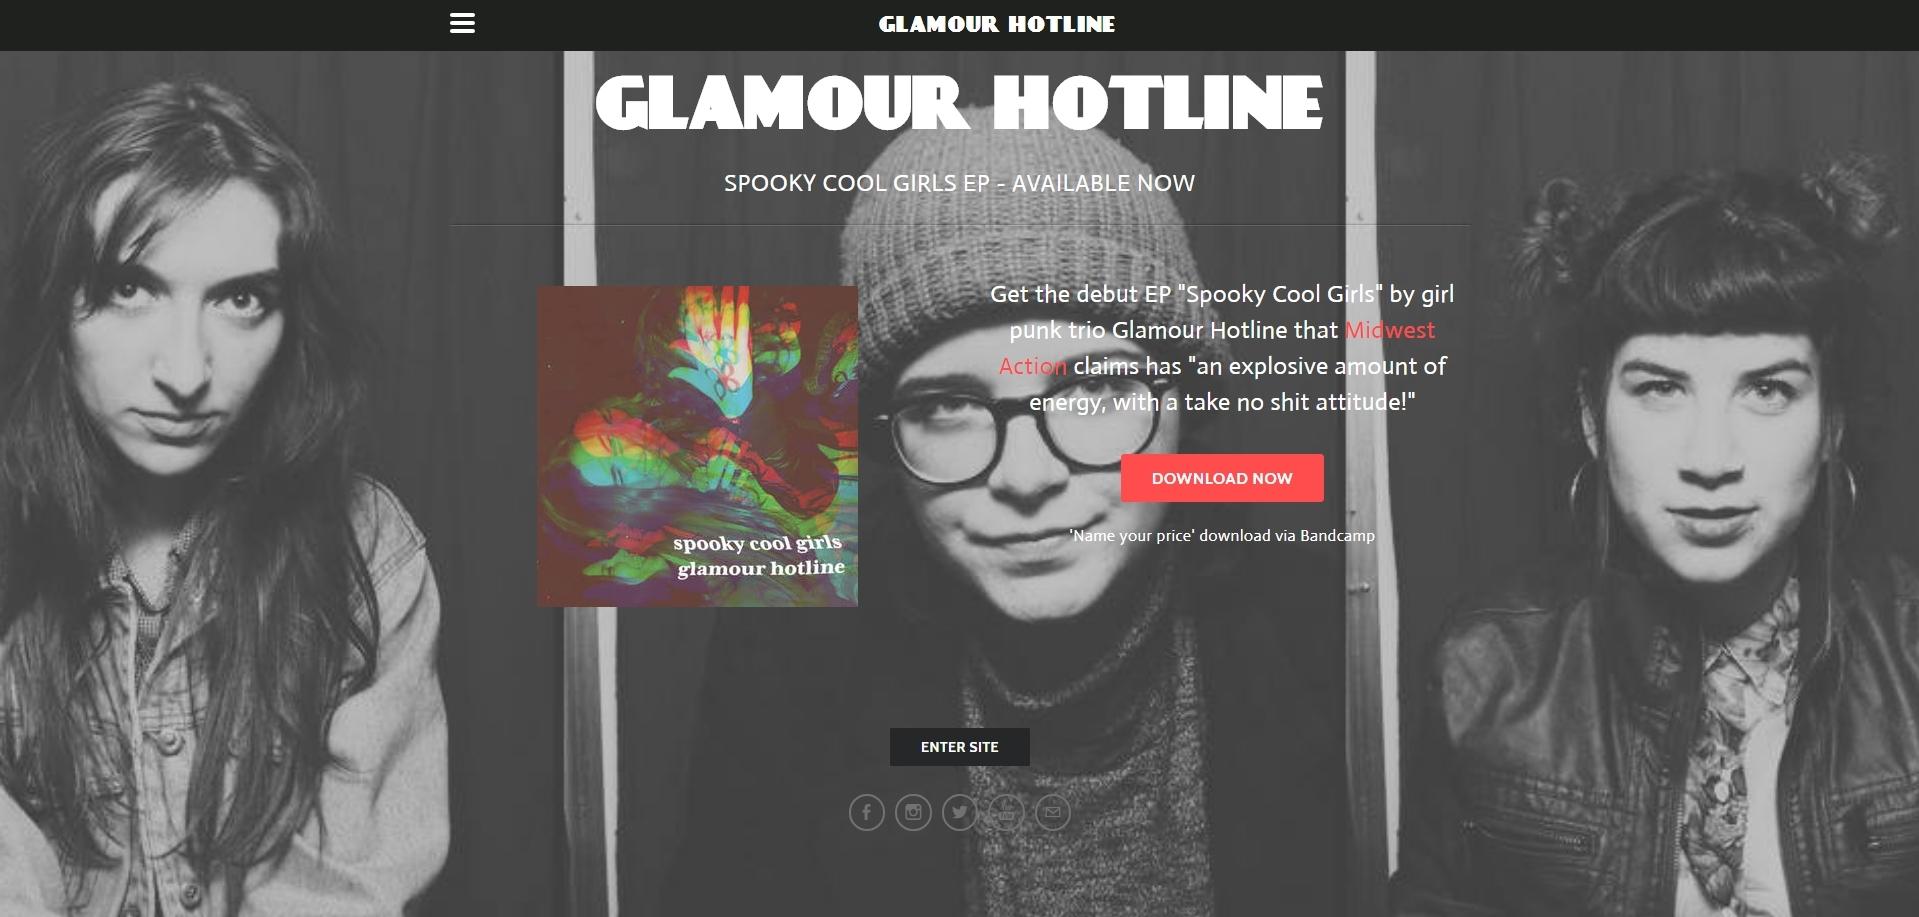 Glamour Hotline EPK